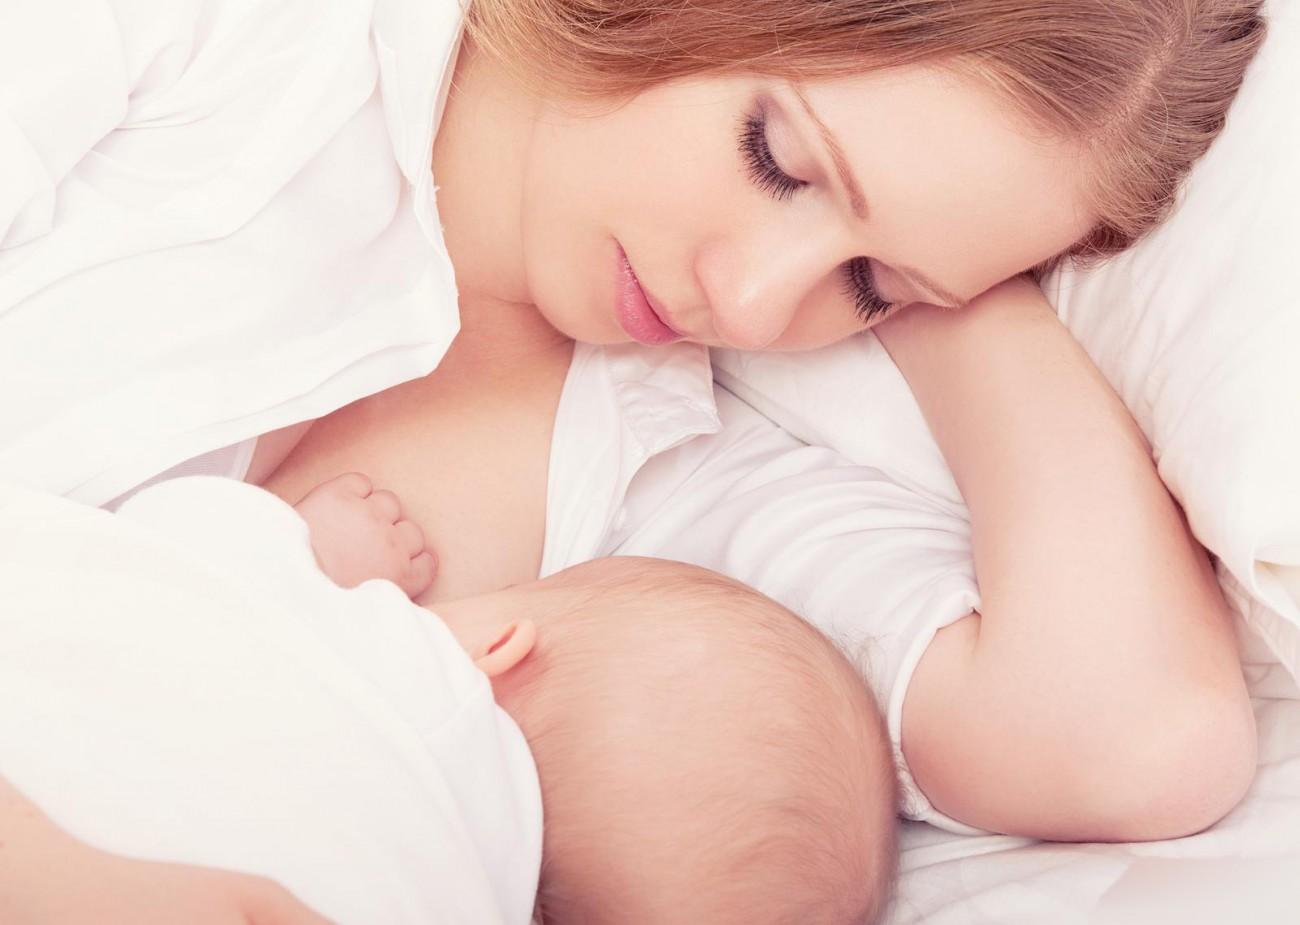 Chế độ ăn giảm cân hiệu quả dành cho mẹ bỉm sữa sau sinh